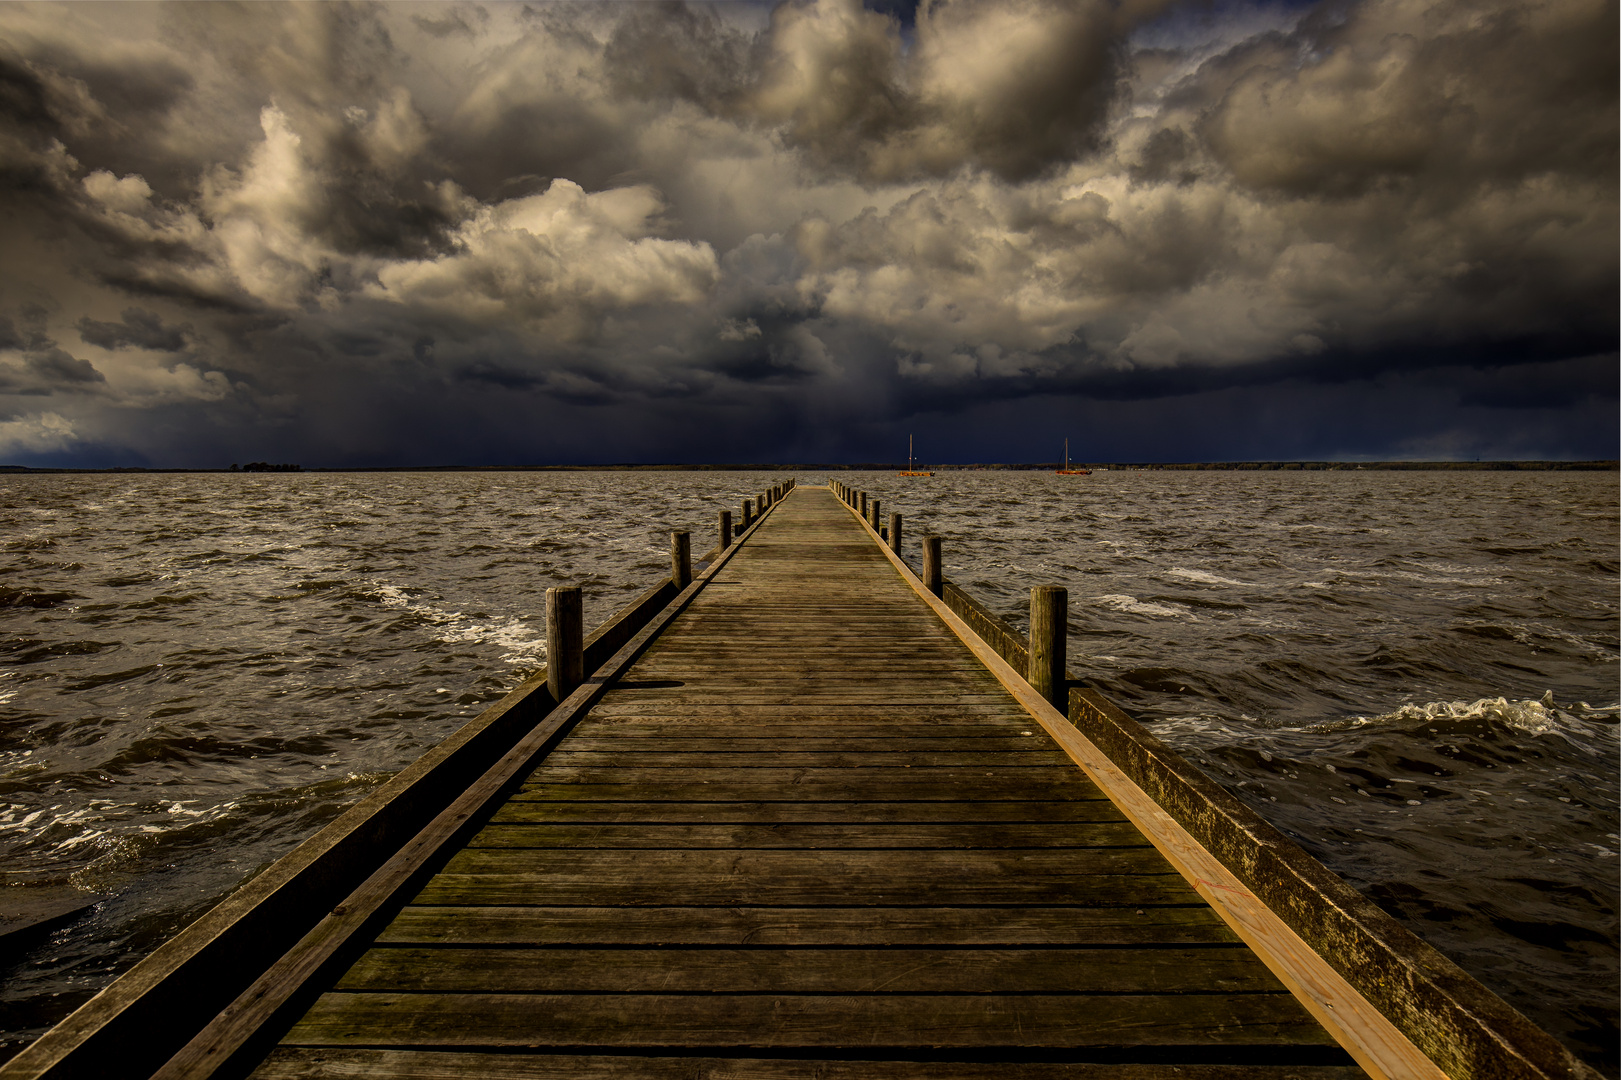 kurz vor dem Sturm